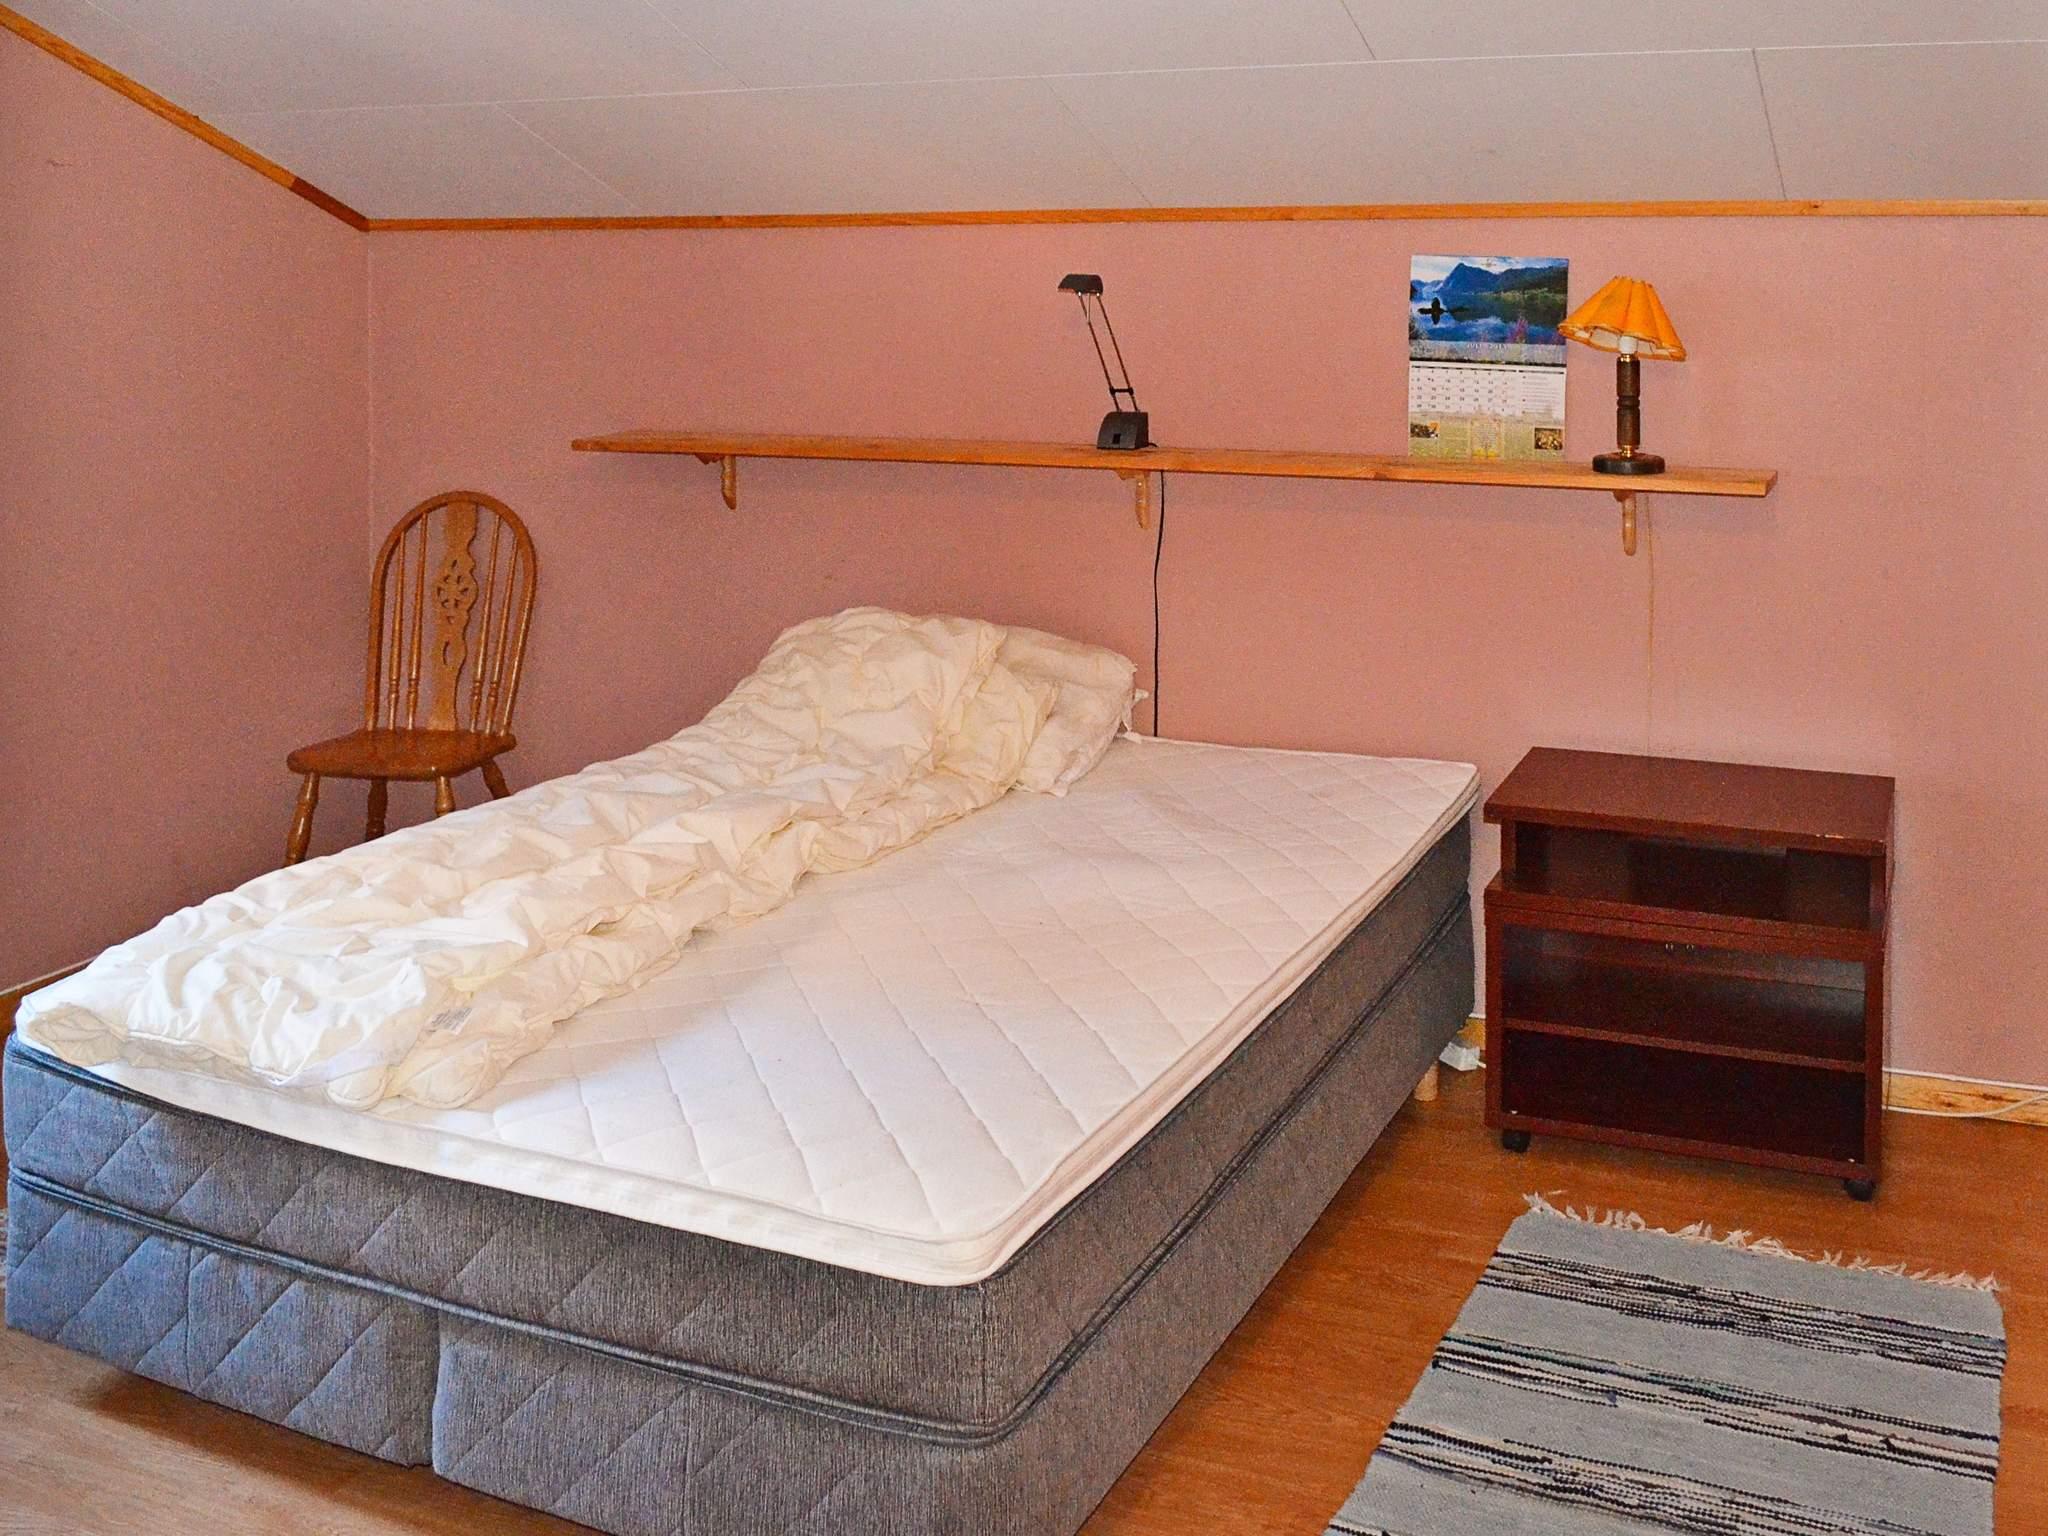 Ferienhaus Senja (921371), Torsken, , Nordnorwegen, Norwegen, Bild 17